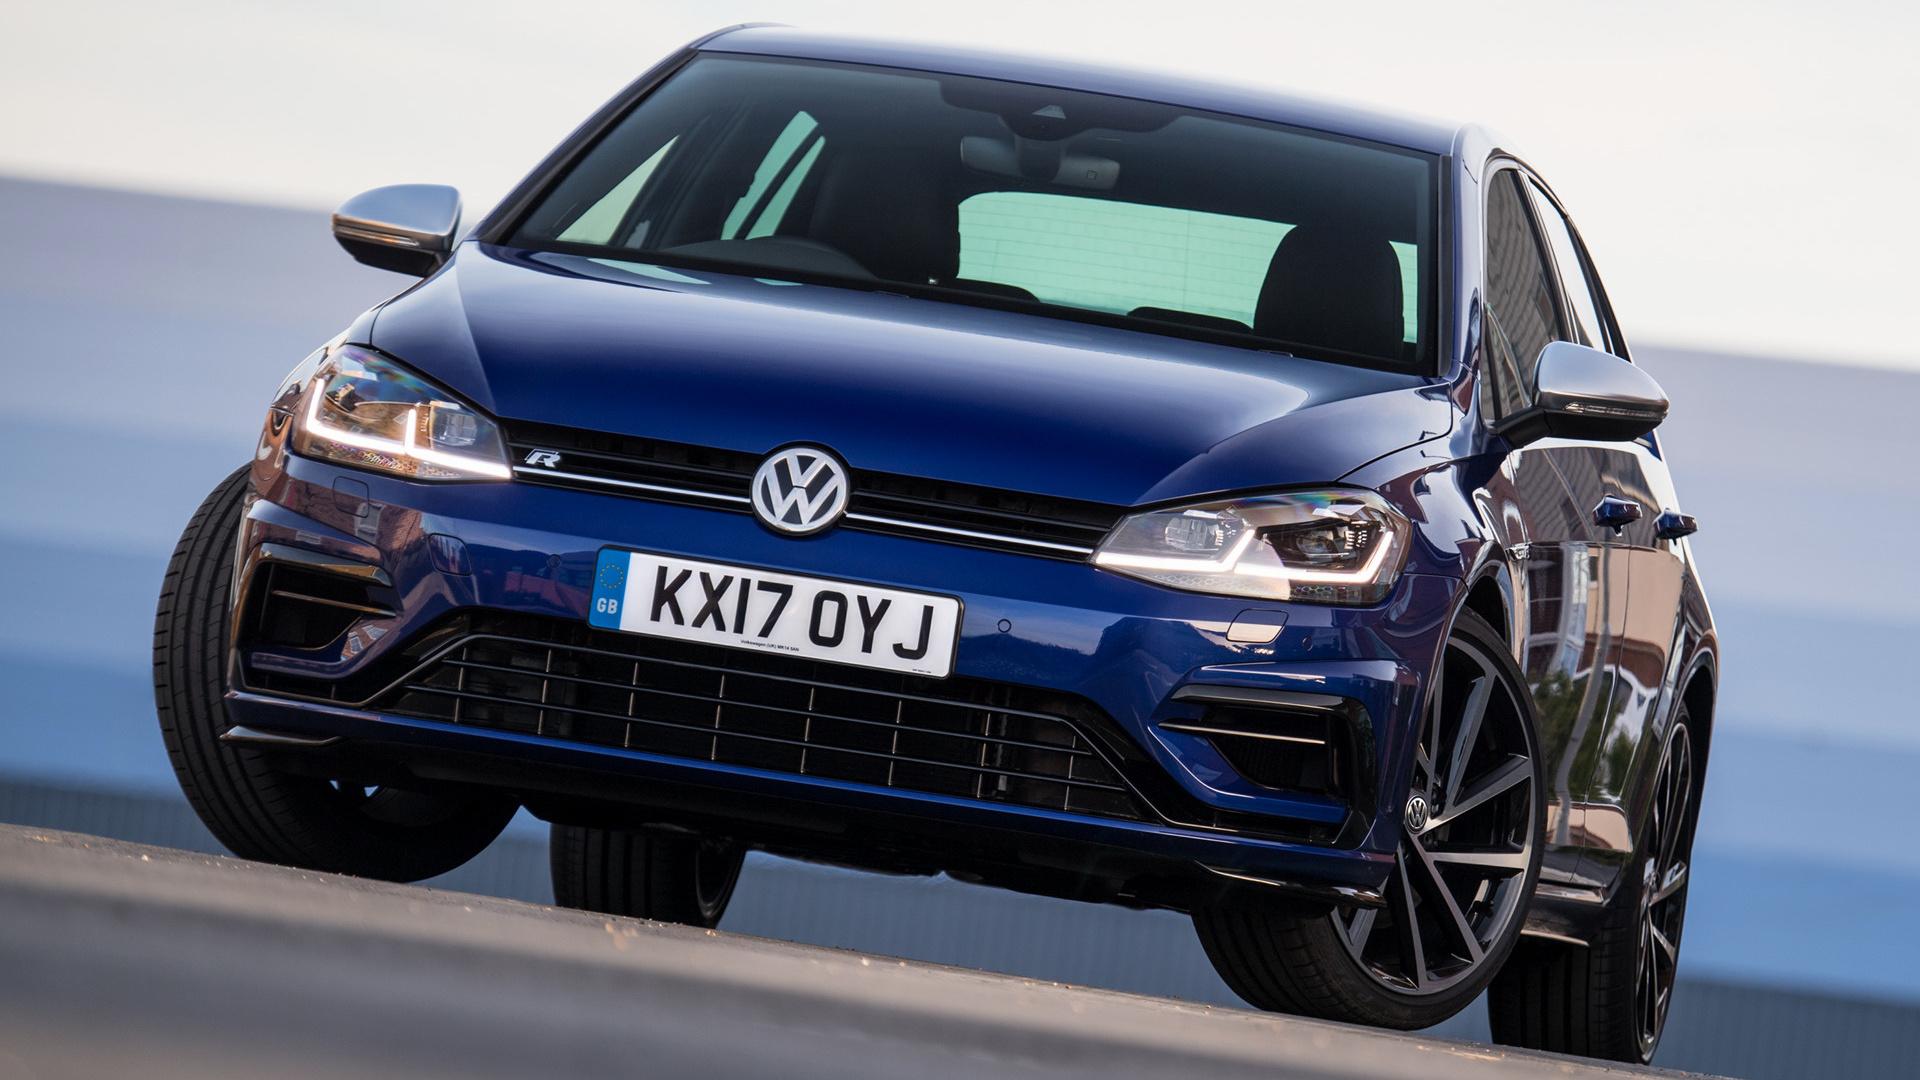 2017 Volkswagen Golf R 5-door (UK) - Wallpapers and HD Images | Car Pixel